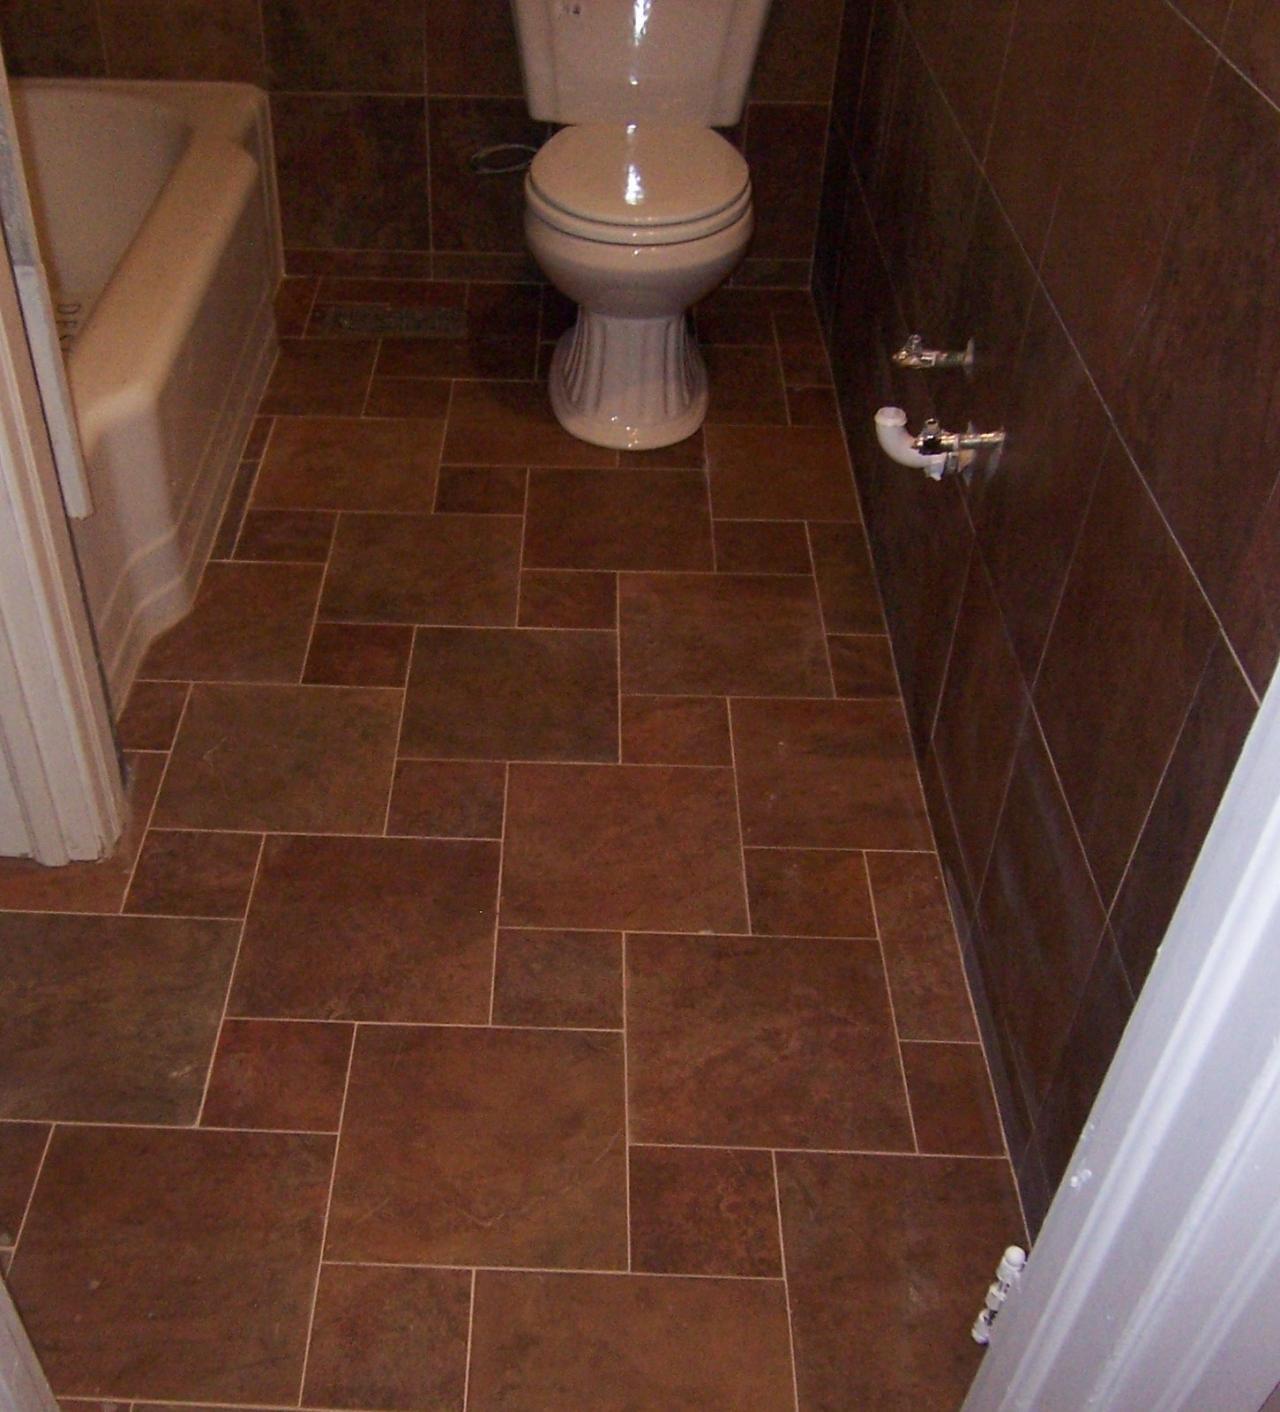 Floor Tile Onbathroom Floor Tiles